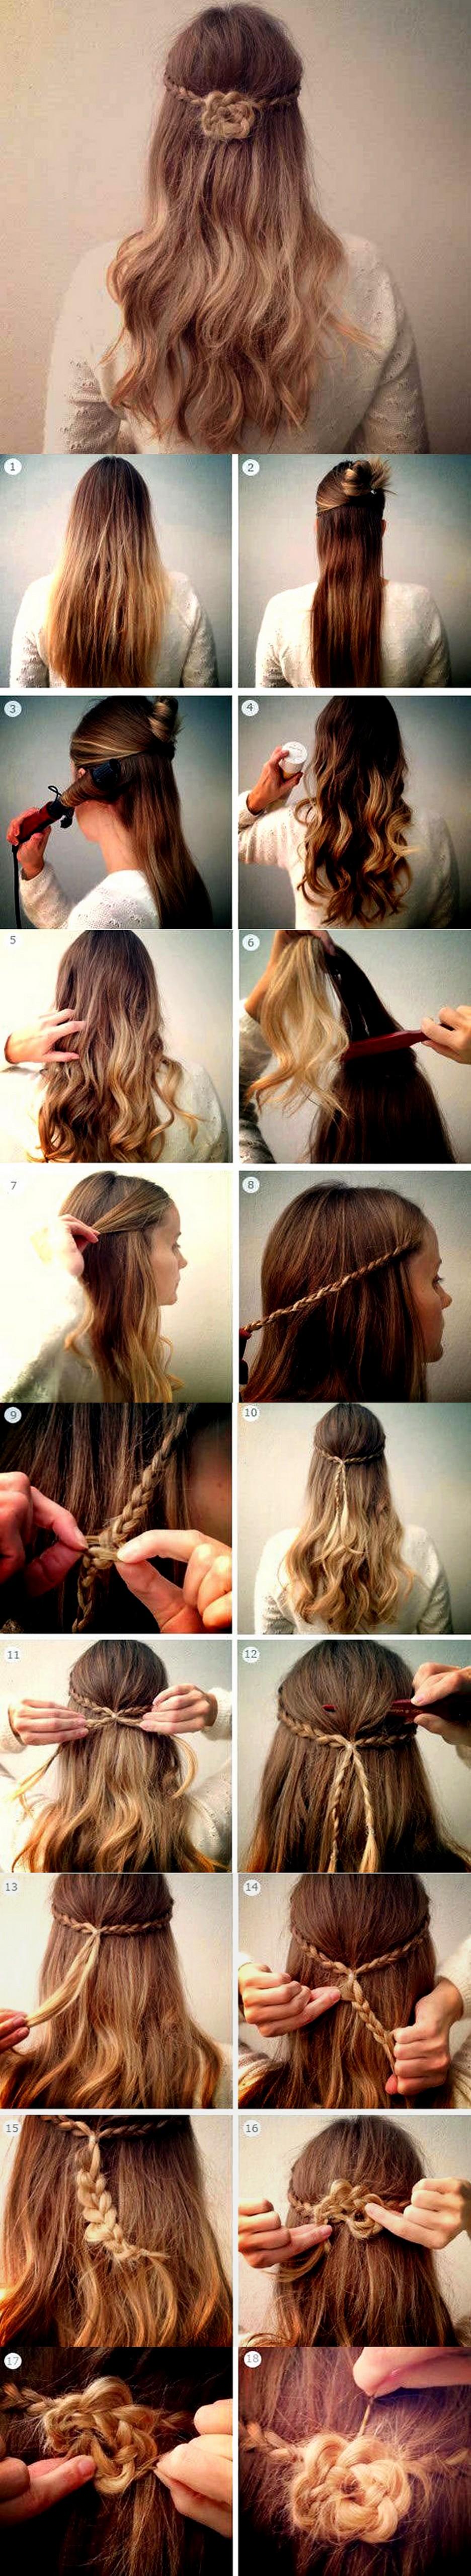 Hairstyle Flower Braid